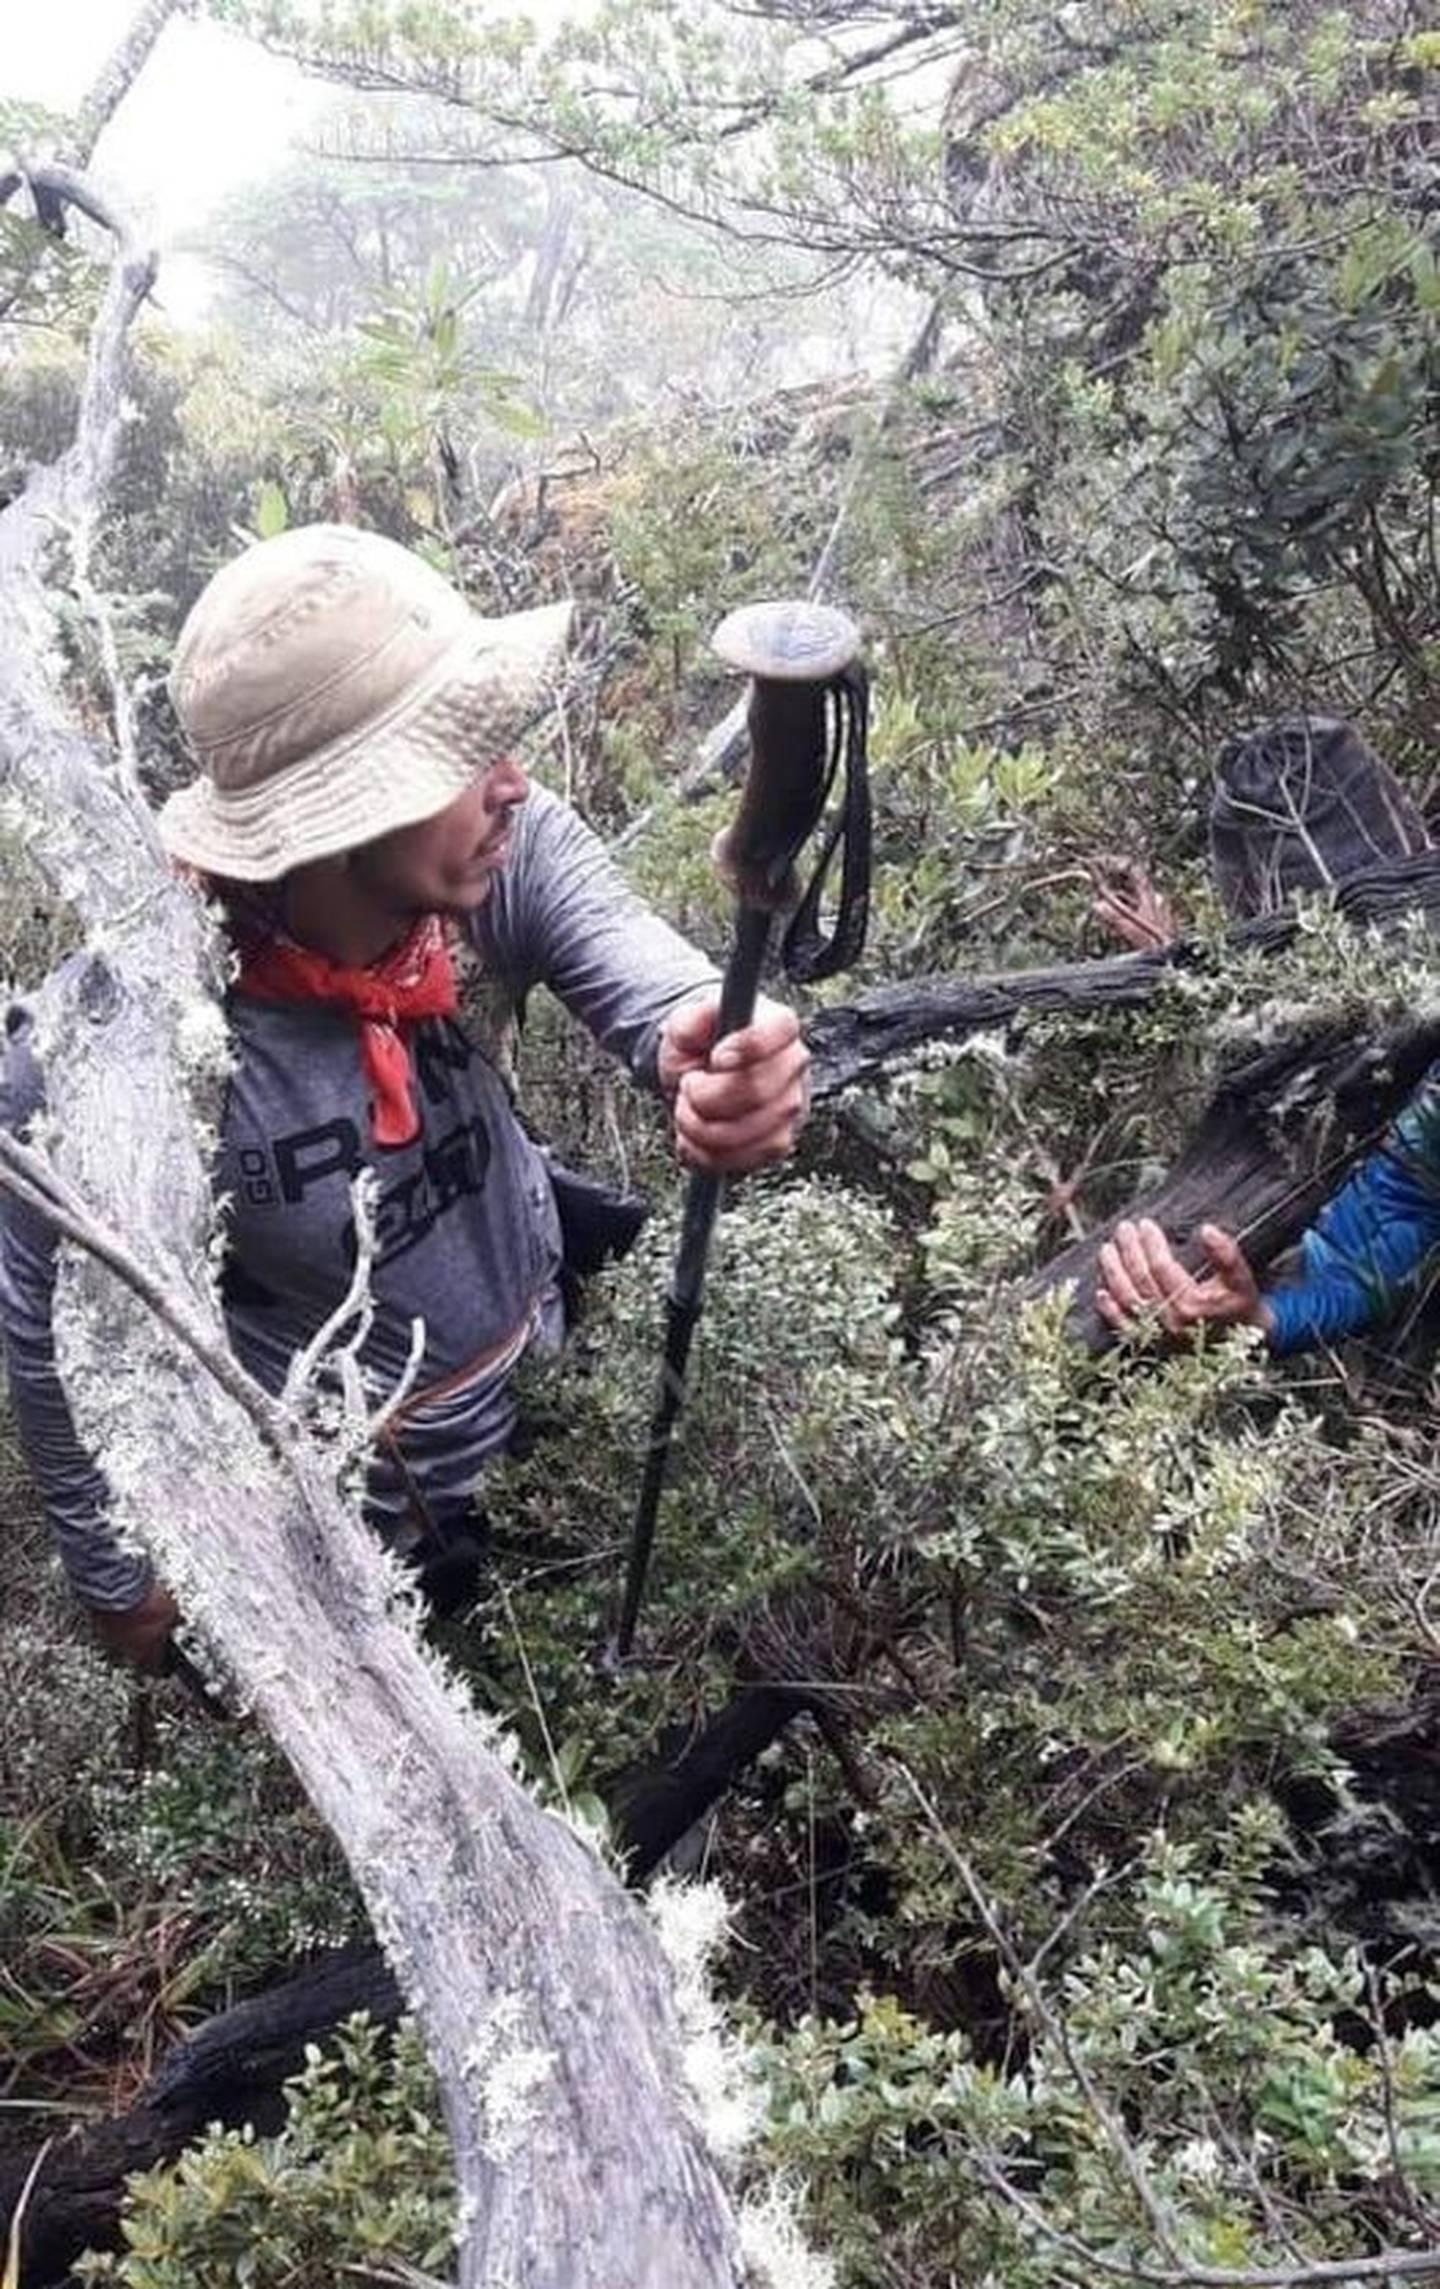 Este bastón de montañismo, hallado cerca de Ventsiqueros, es el que usaba Marialis Blanco cuando desapareció. Fue hallado poco después de las 9 a. m. y  es lo único encontrado hasta ahora. Foto: suministrada por Mario Cordero.